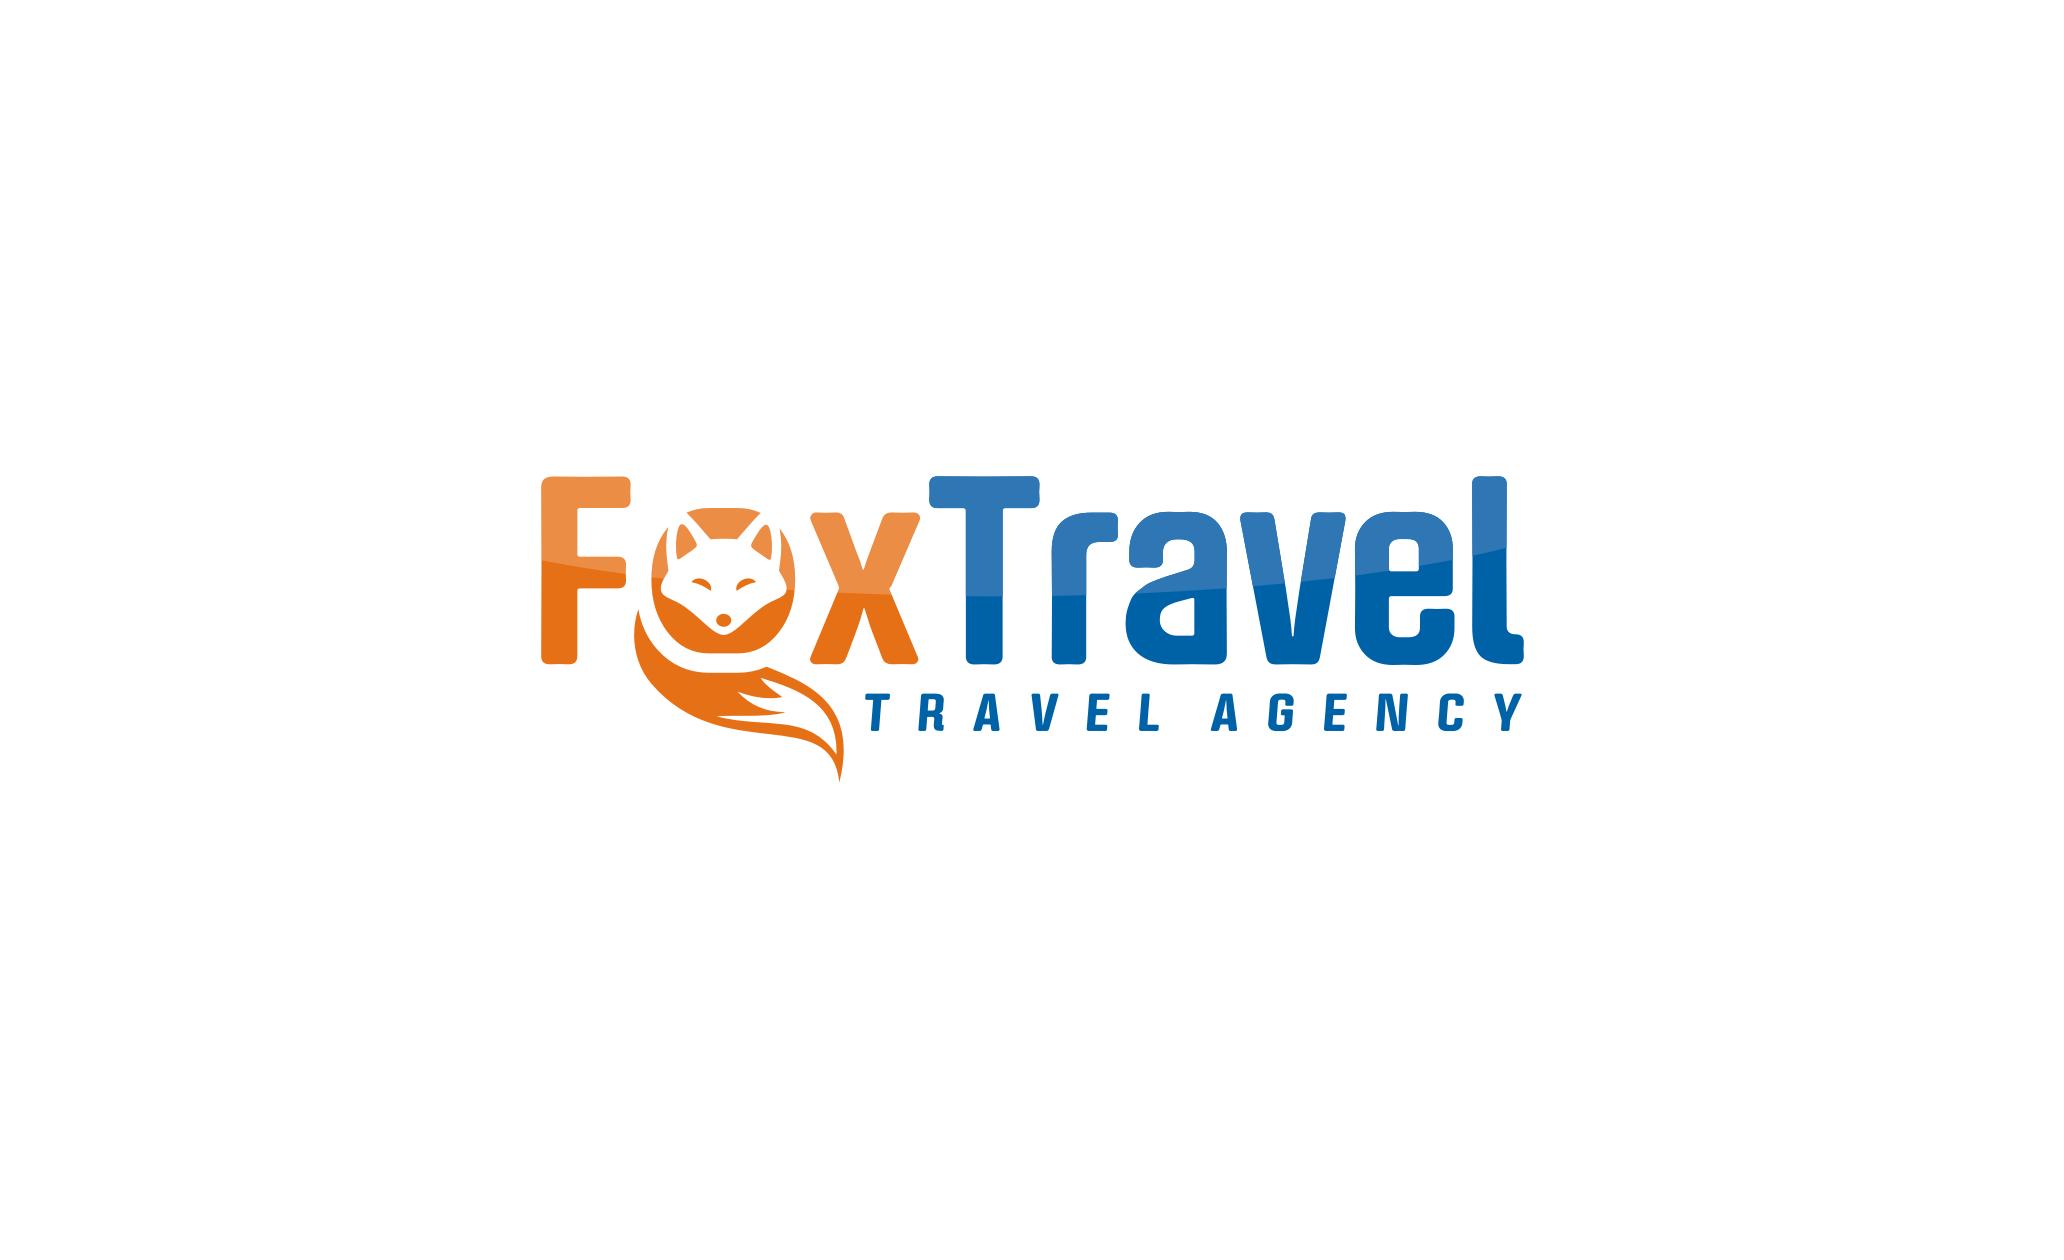 FoxTravel